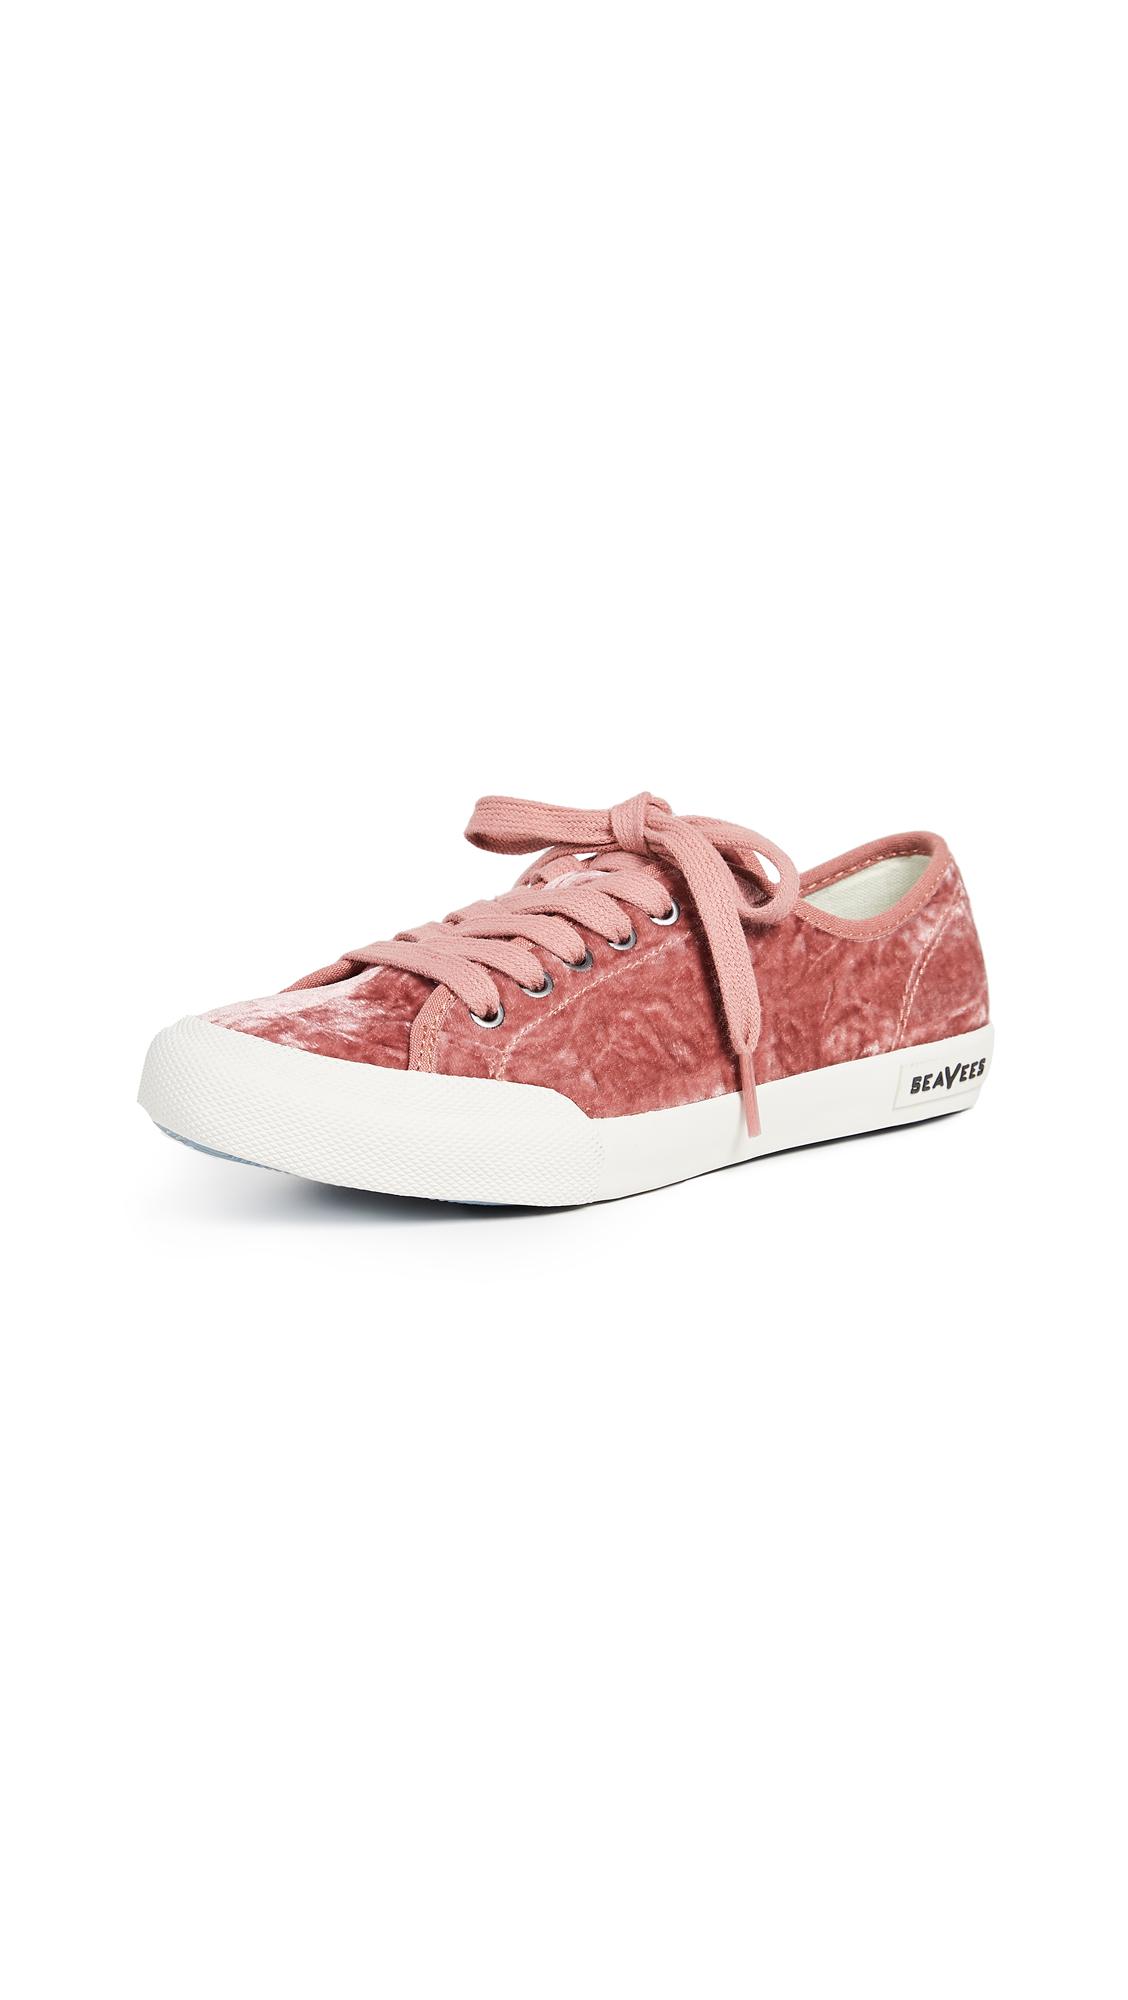 SeaVees Monterey Sneakers - Heather Rose